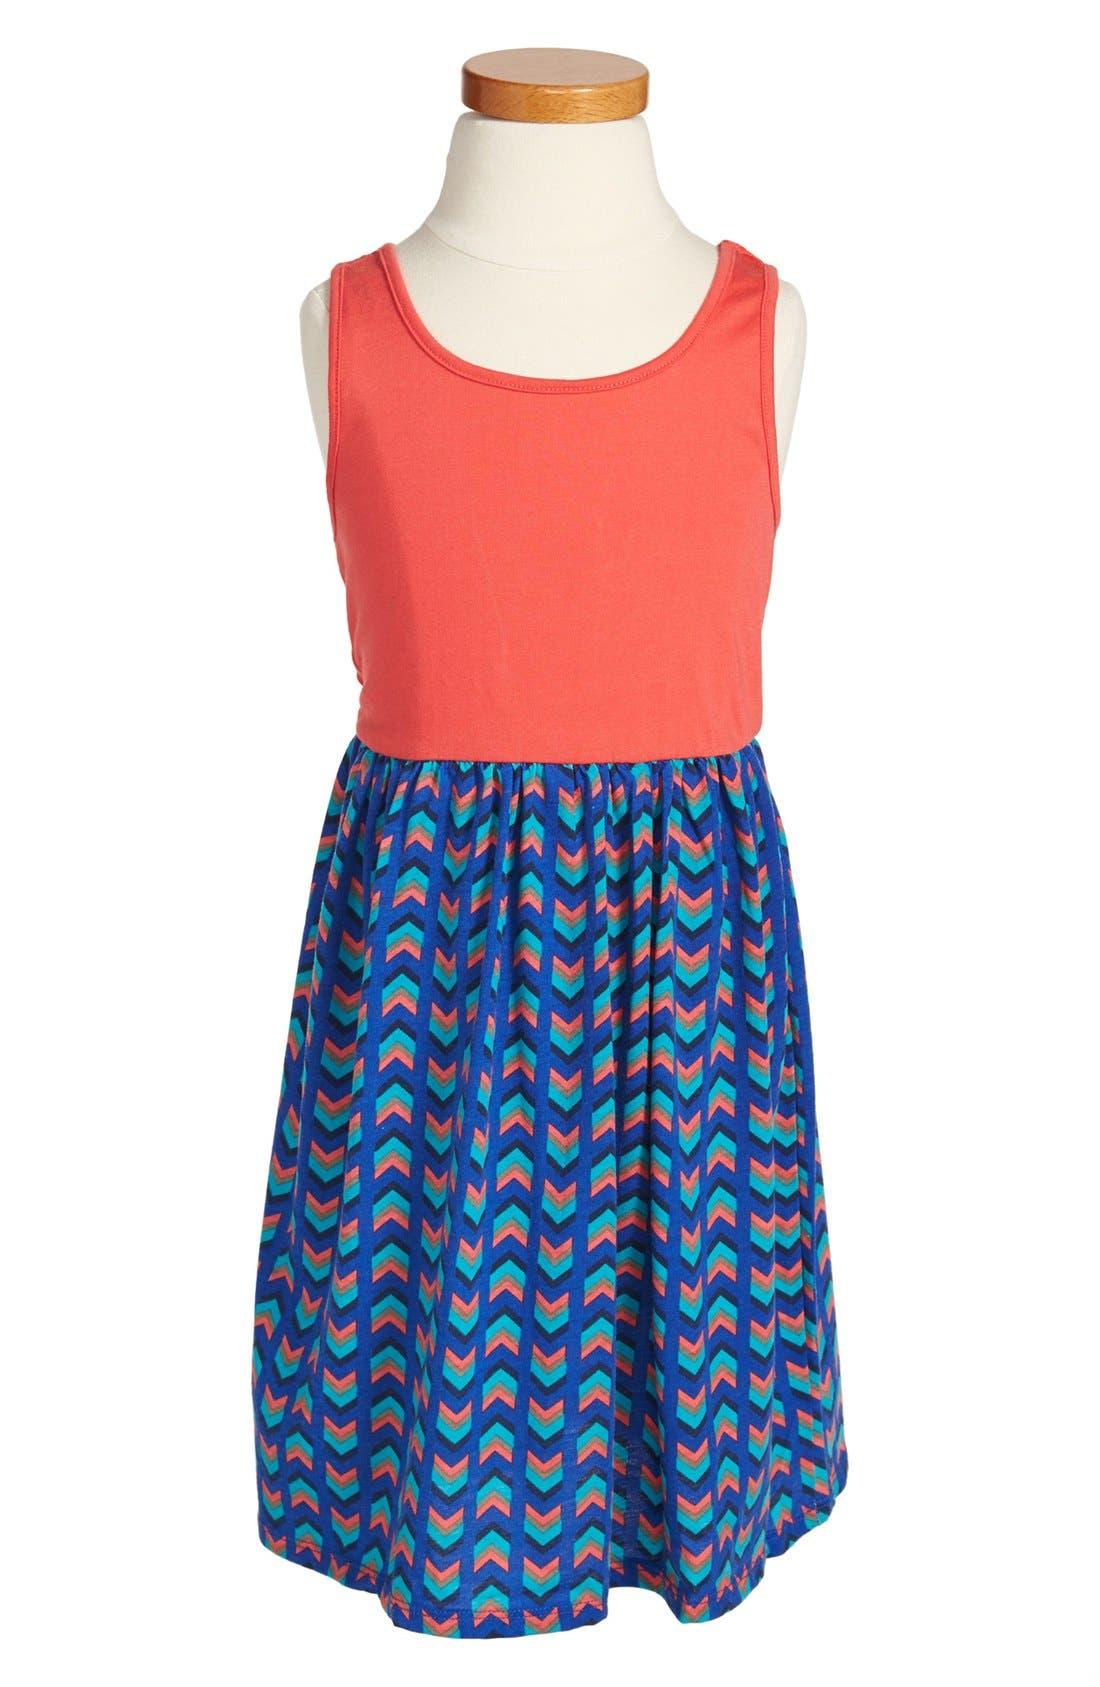 Main Image - Roxy 'Pink Horizon' Bow Back Tank Dress (Little Girls)